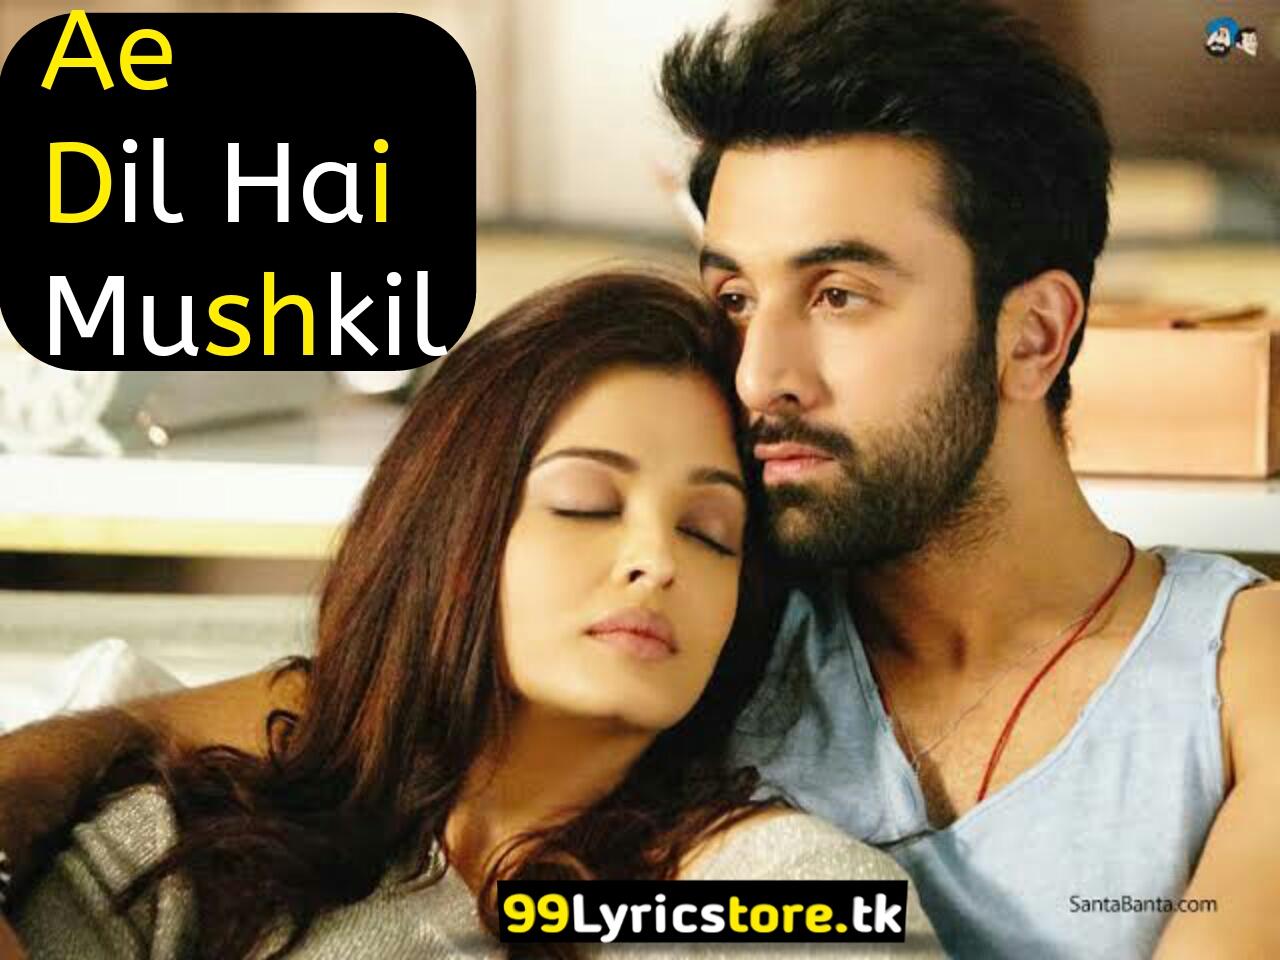 Ranbir Kapoor Song Lyrics, Aishwarya Rai Song Lyrics, Anushka Sharma Song Lyrics, Pritam Song Lyrics, Arijit Singh-Ranbir Kapoor Song Lyrics, Ae Dil Hai Mushkil Arijit Singh Song Lyrics